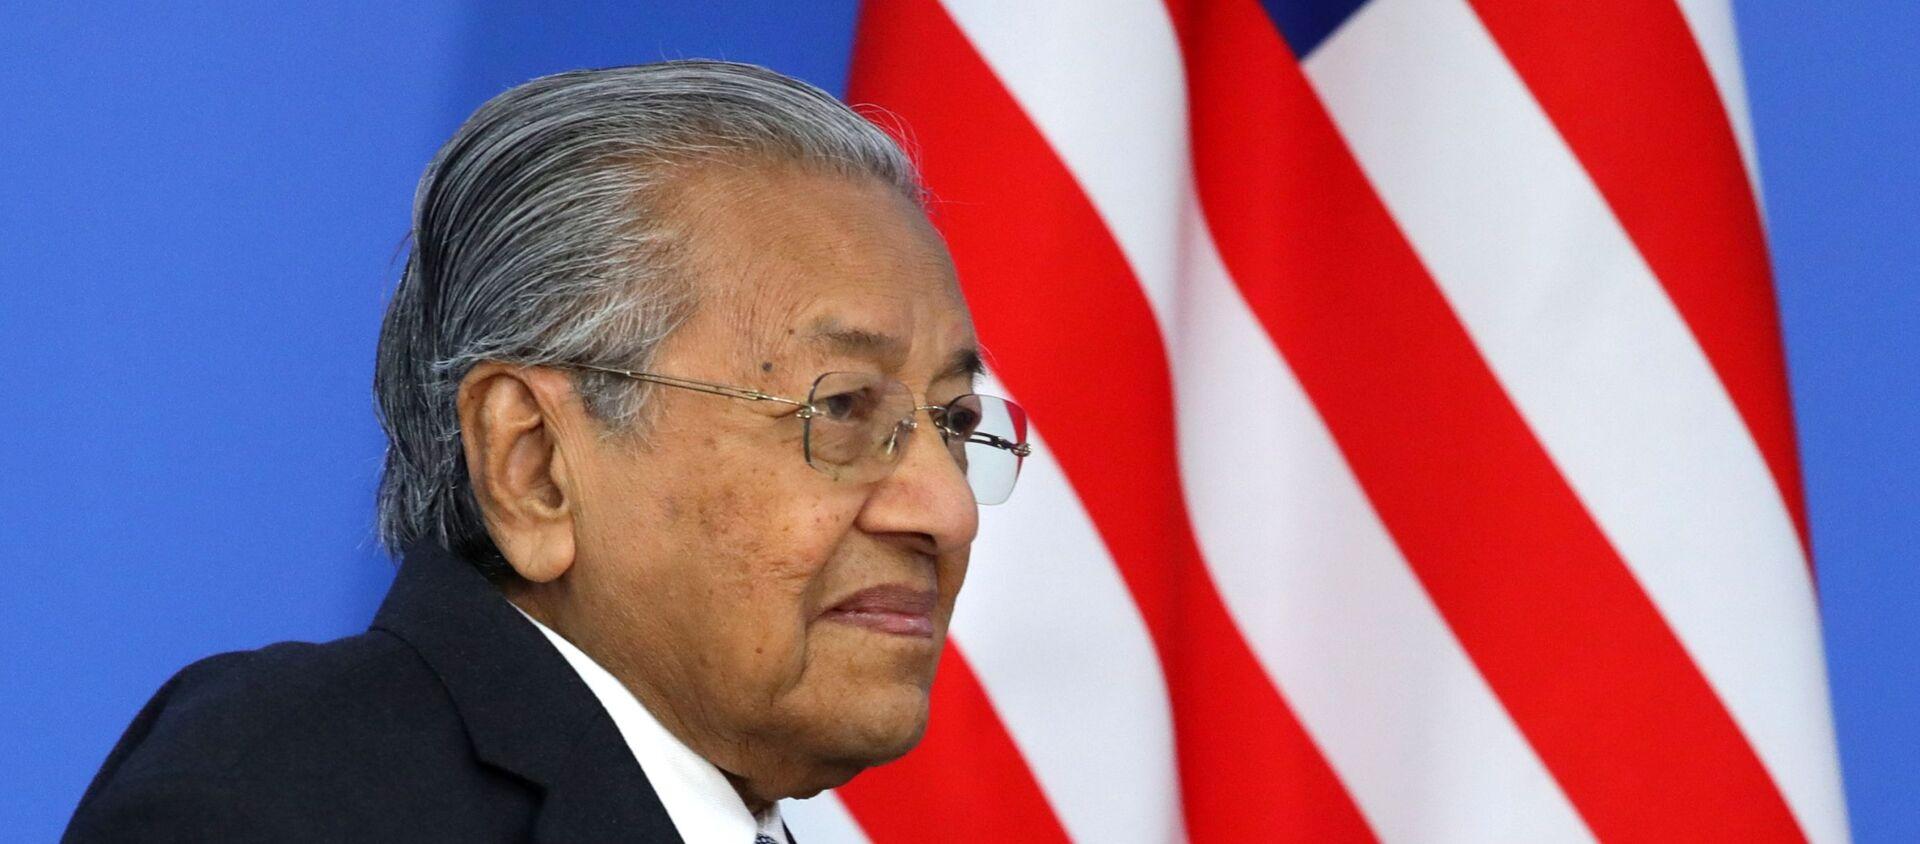 Thủ tướng Malaysia Mahathir Mohamad tham gia Diễn đàn kinh tế Đông - 2019 - Sputnik Việt Nam, 1920, 14.01.2020